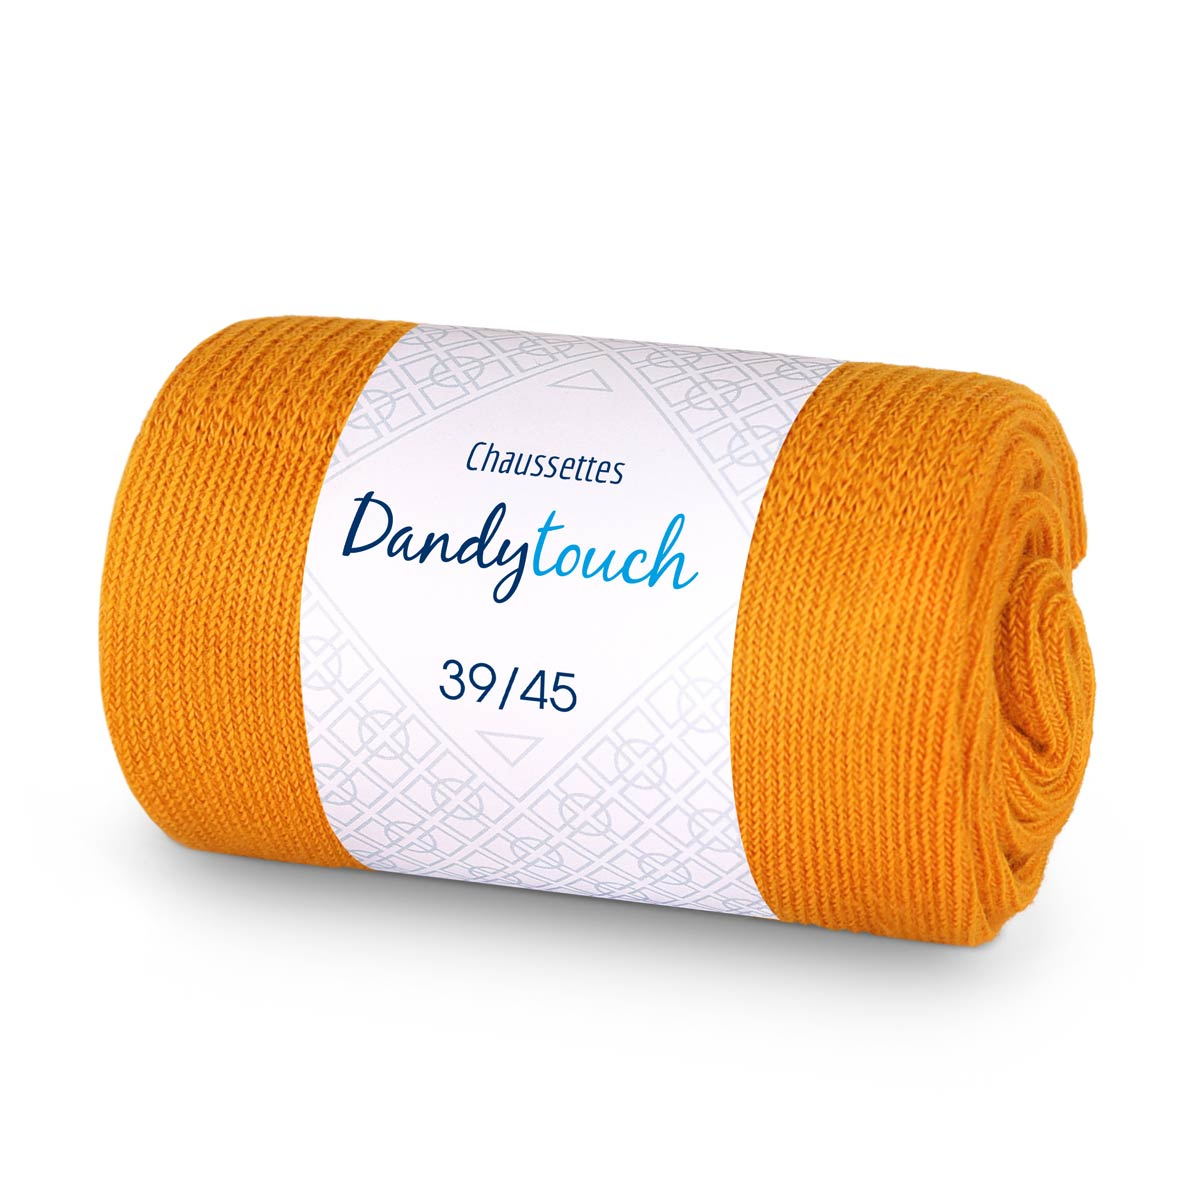 CH-00551_E12-1--_Chaussettes-homme-oranges-unies